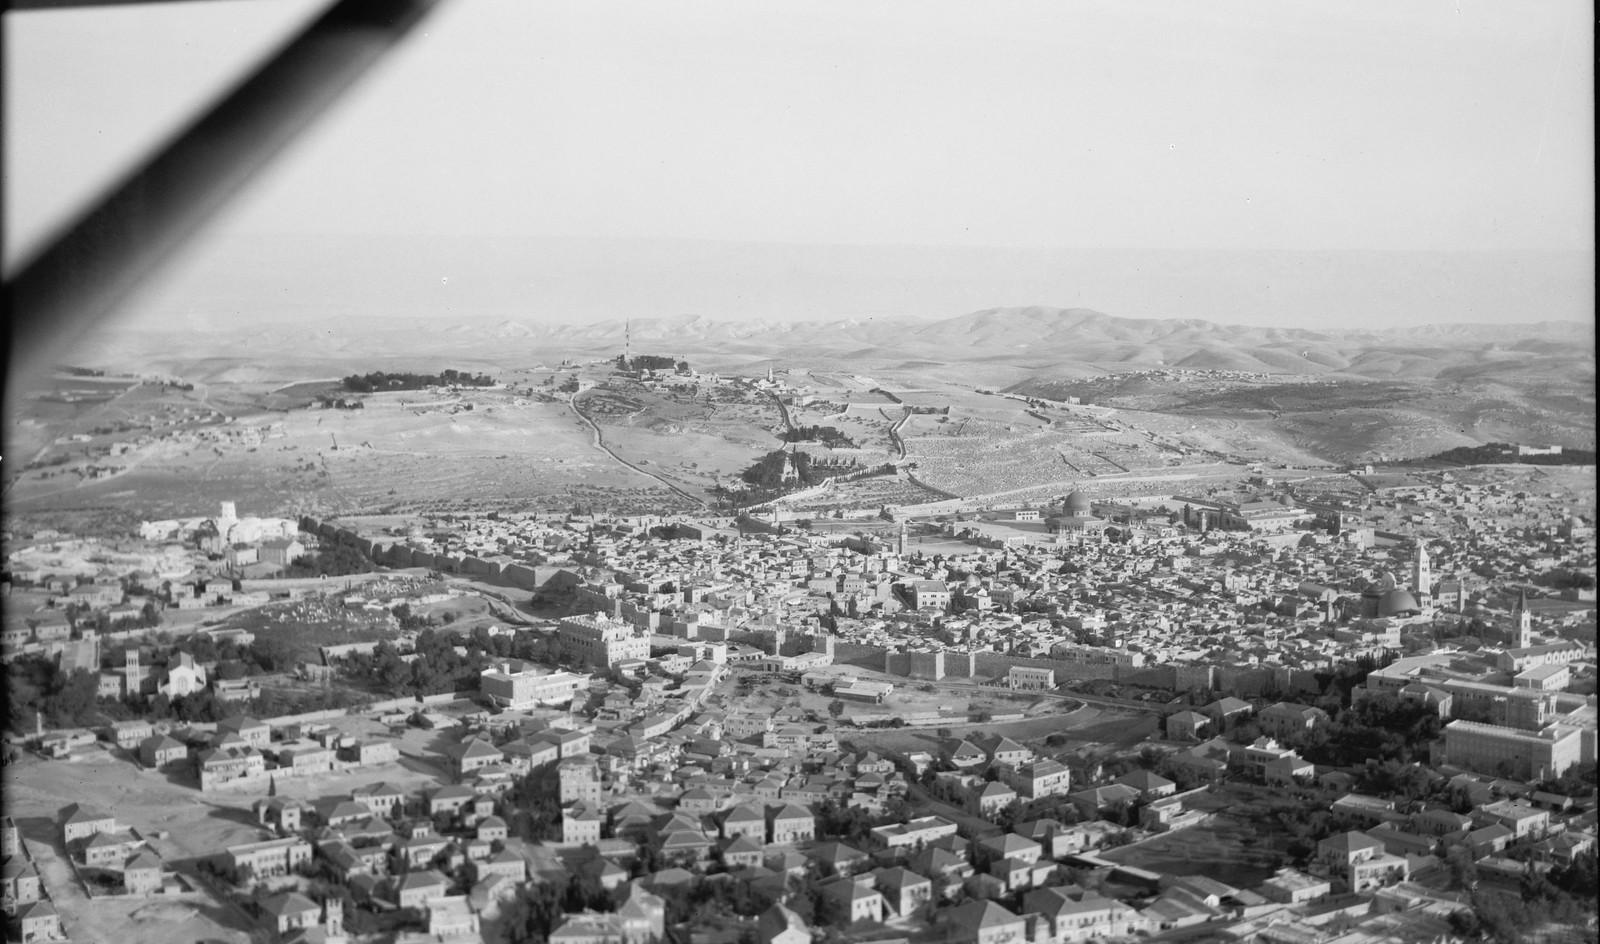 13. Иерусалим с воздуха (Старый Город). Северная сторона города. Чуть видно Масличную гору. Дикая природа Иудеи и Моава видна в отдалении